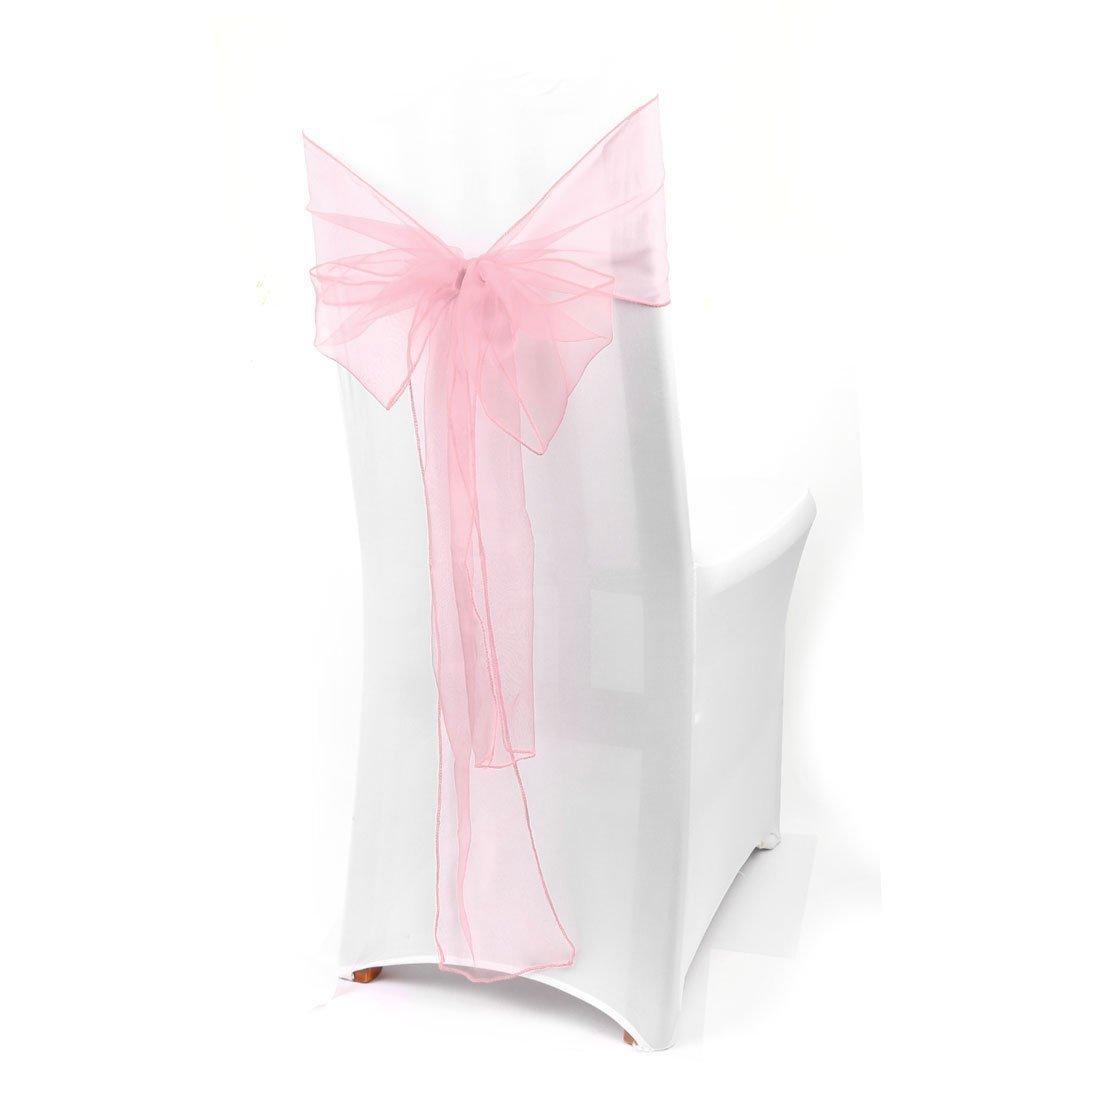 Amazon.com: eDealMax 50pcs Organza Fajas cubierta de la Silla Arcos Sash Fuller arco de Partido banquete de la boda del acontecimiento del cumpleaños ...